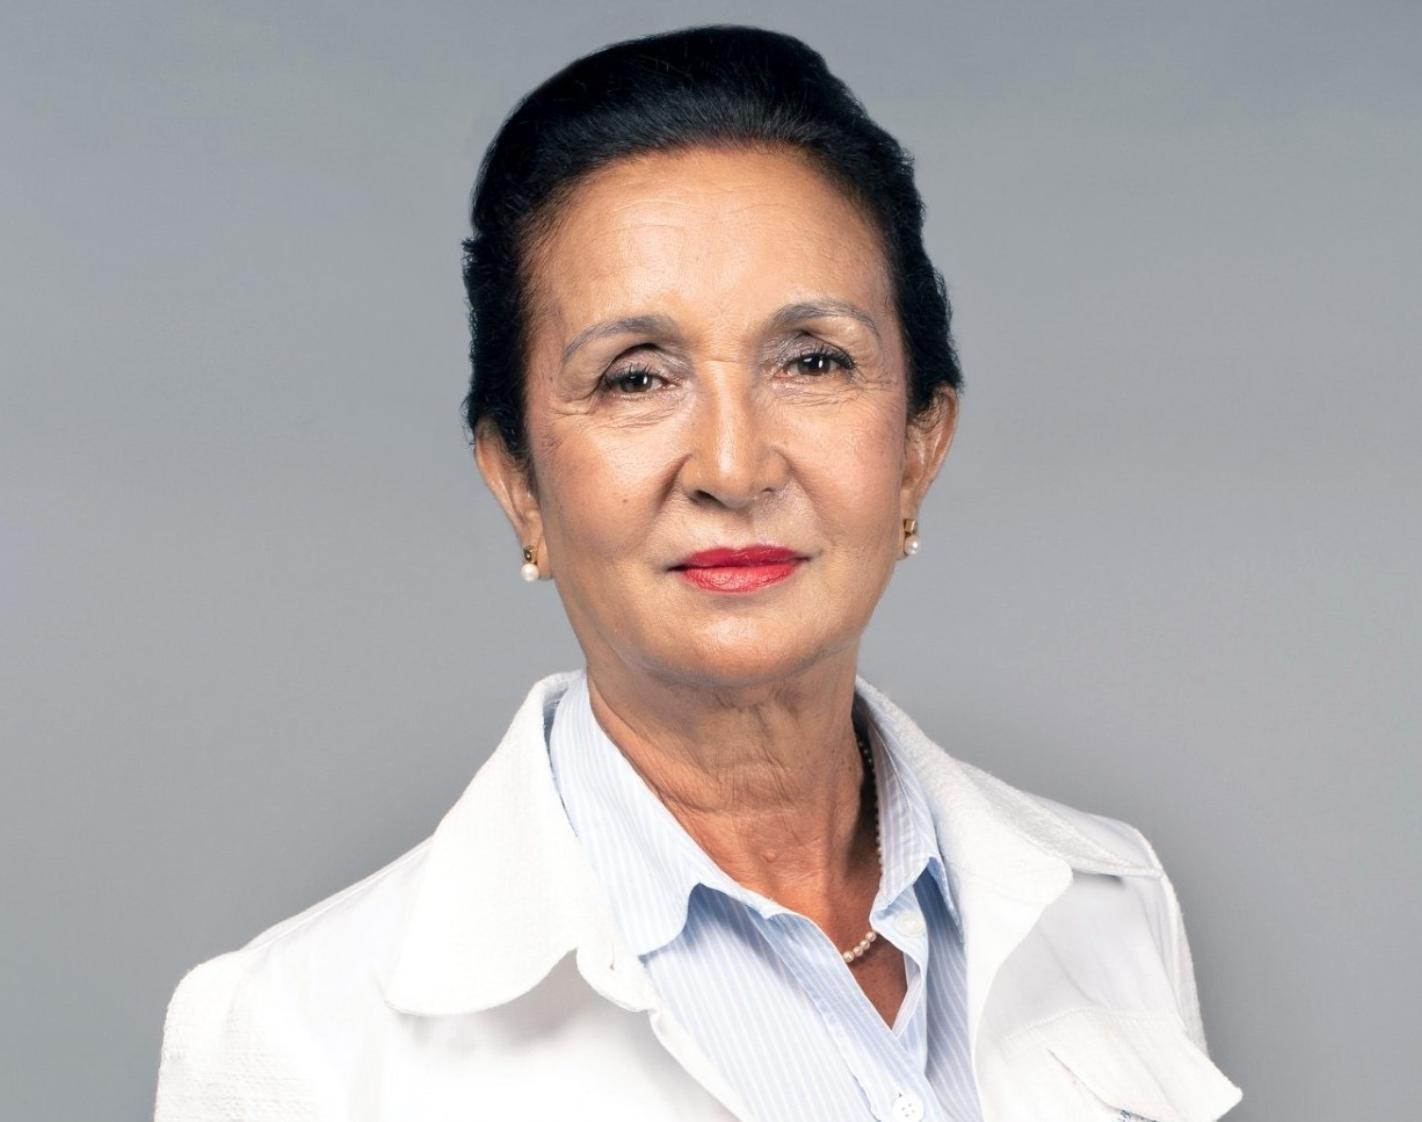 Régionales 2021 - La Réunion : La maire de Saint-Paul Huguette Bello annonce sa candidature